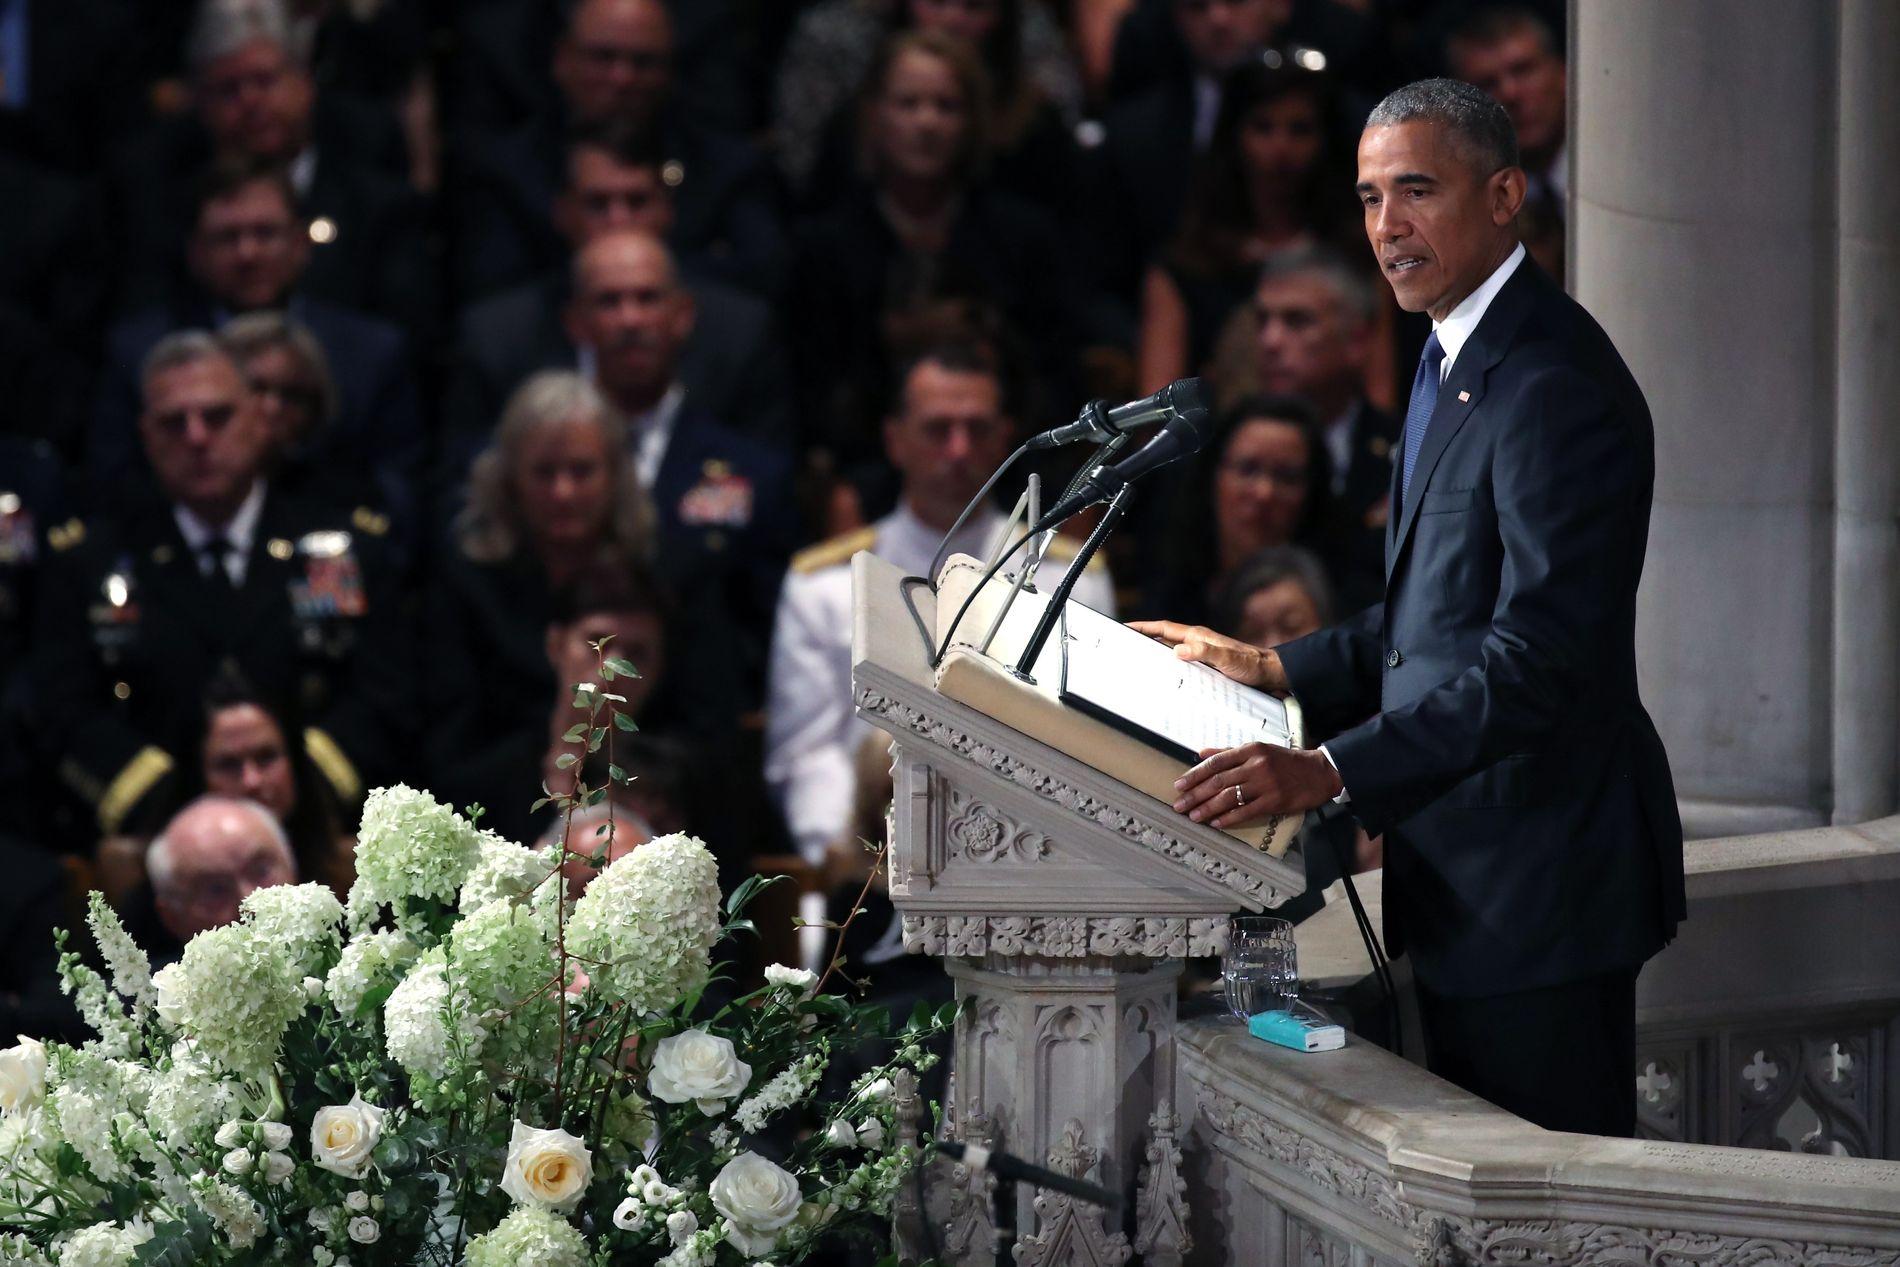 OVERRASKET: – Jeg ble trist da John McCain ringte meg og spurte om jeg ville tale i begravelsen hans, sa tidligere president Barack Obama.